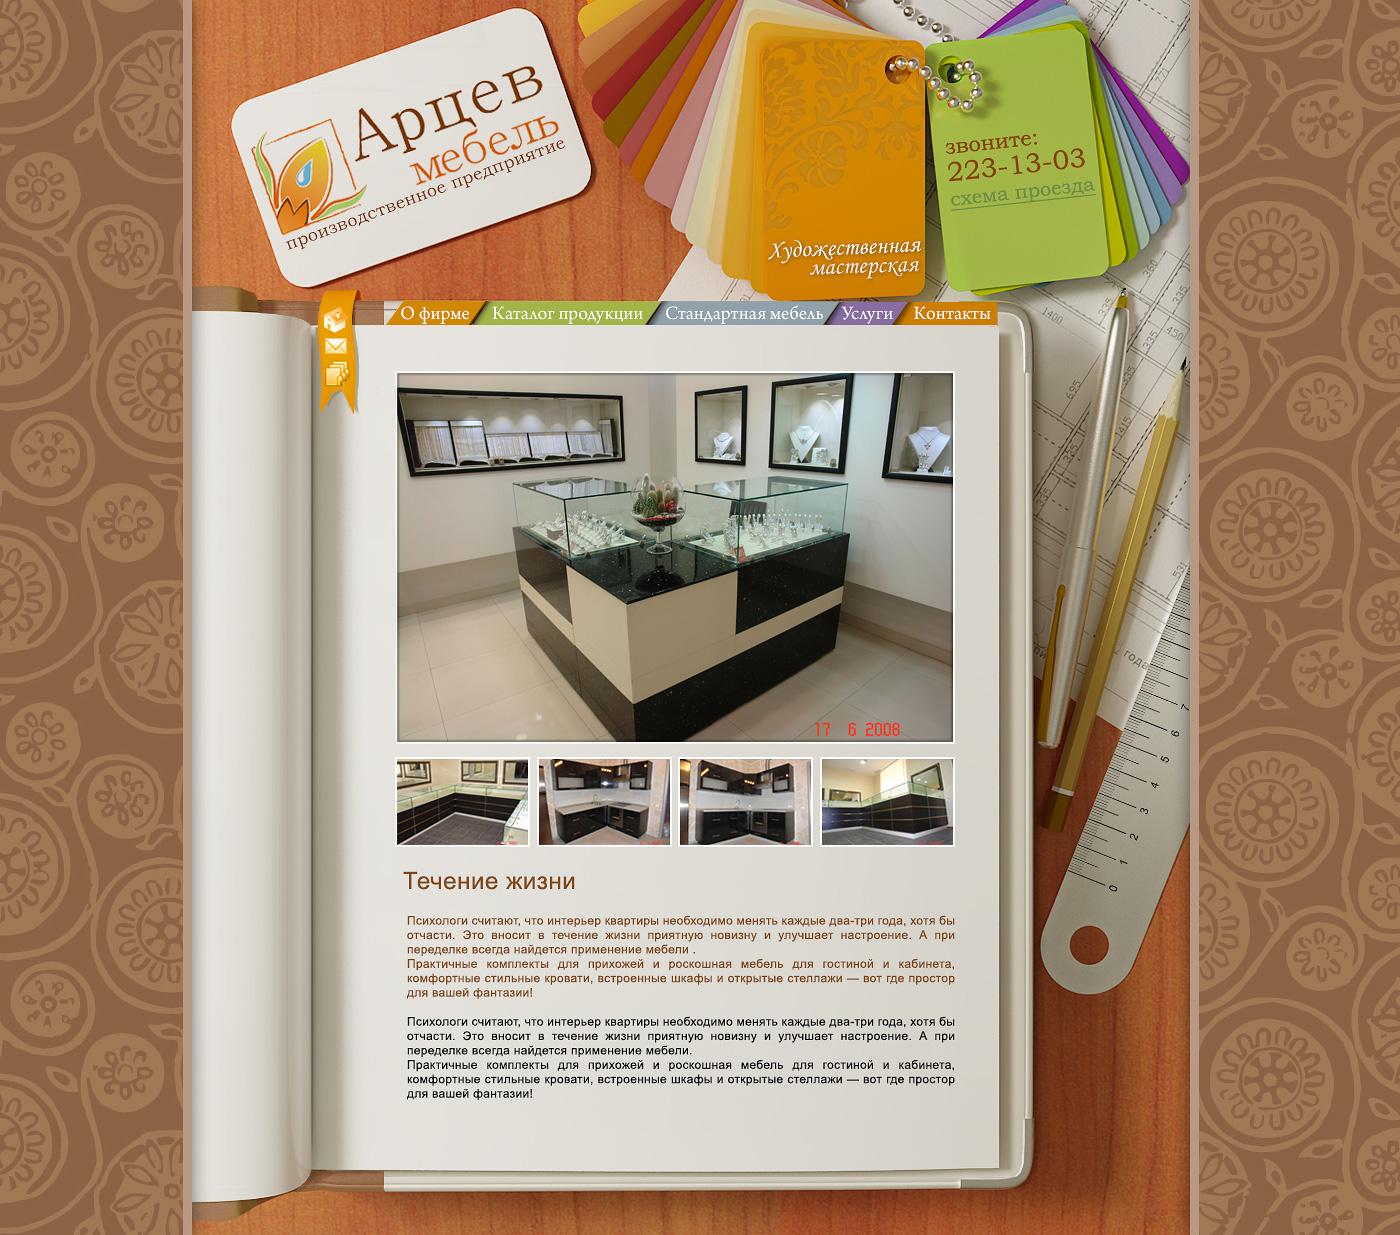 Мебельный дизайнер фриланс фриланс для студентов вакансии